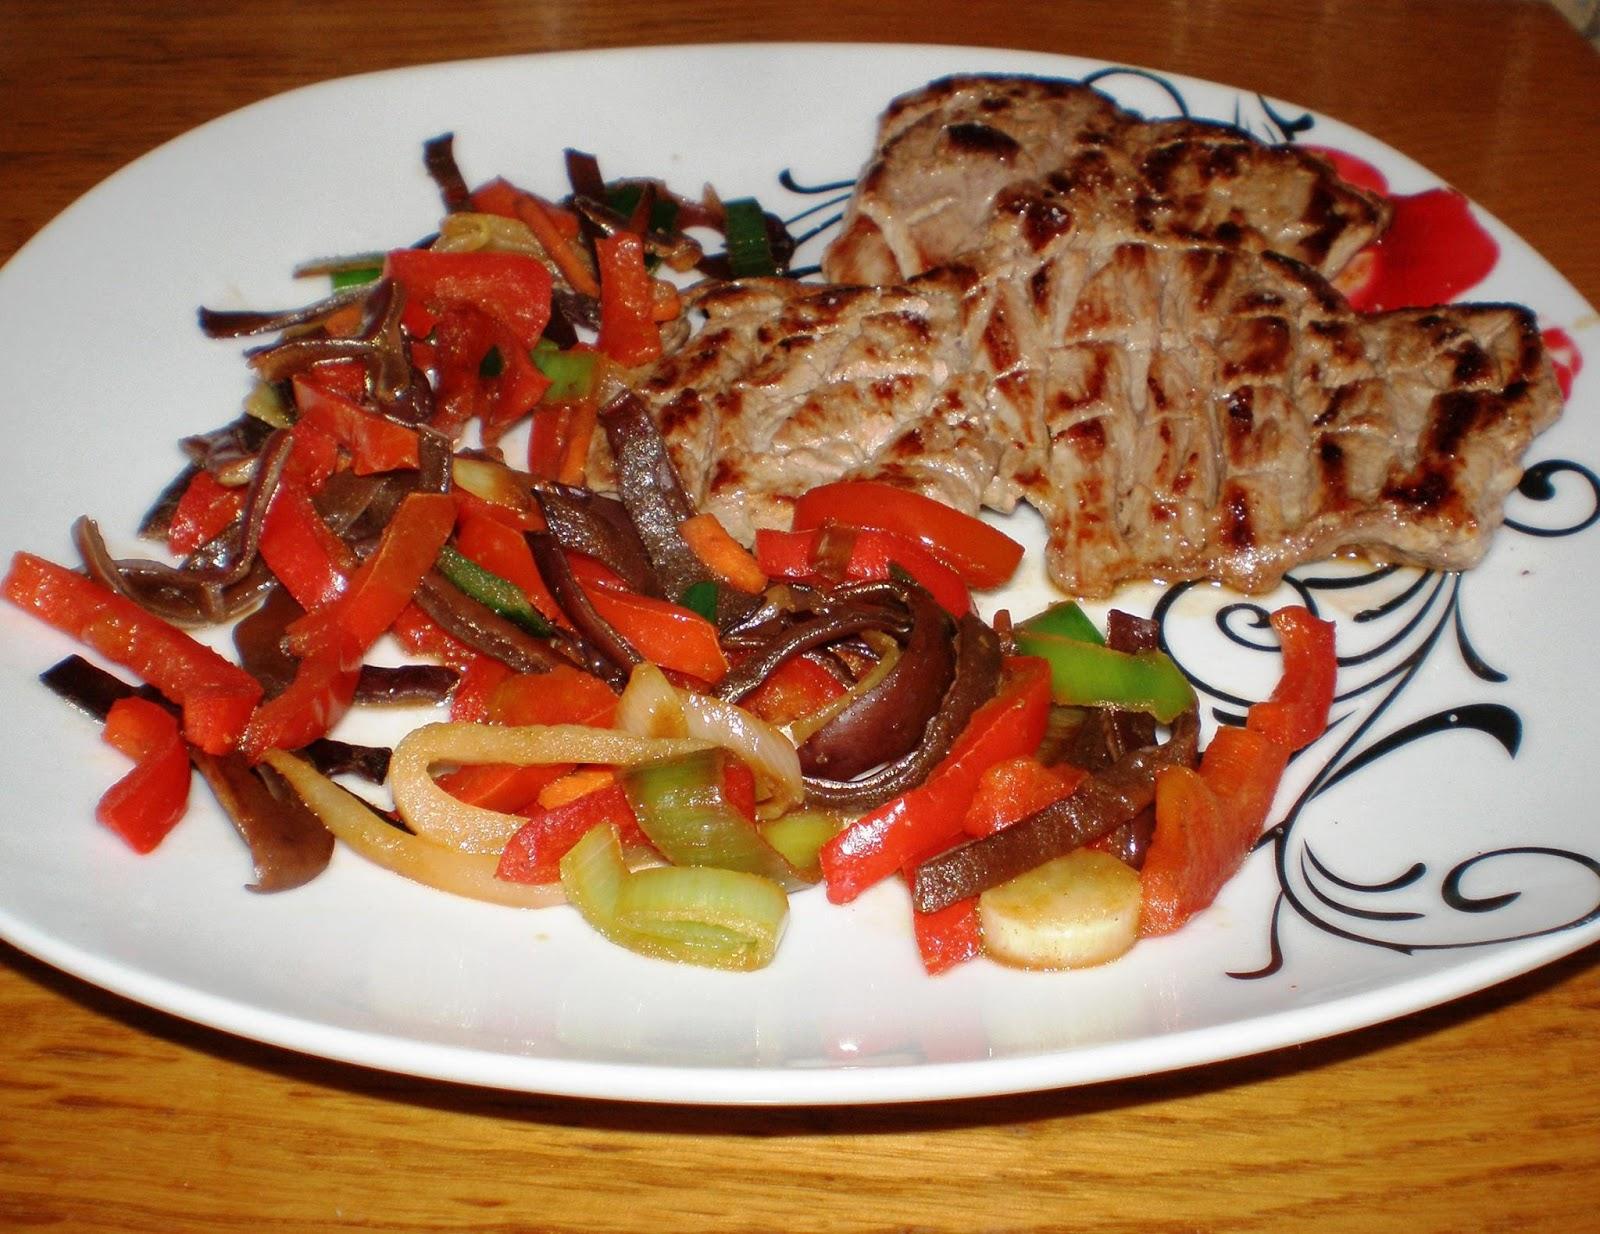 Mușchiuleț fript, legume și ciuperci Mun